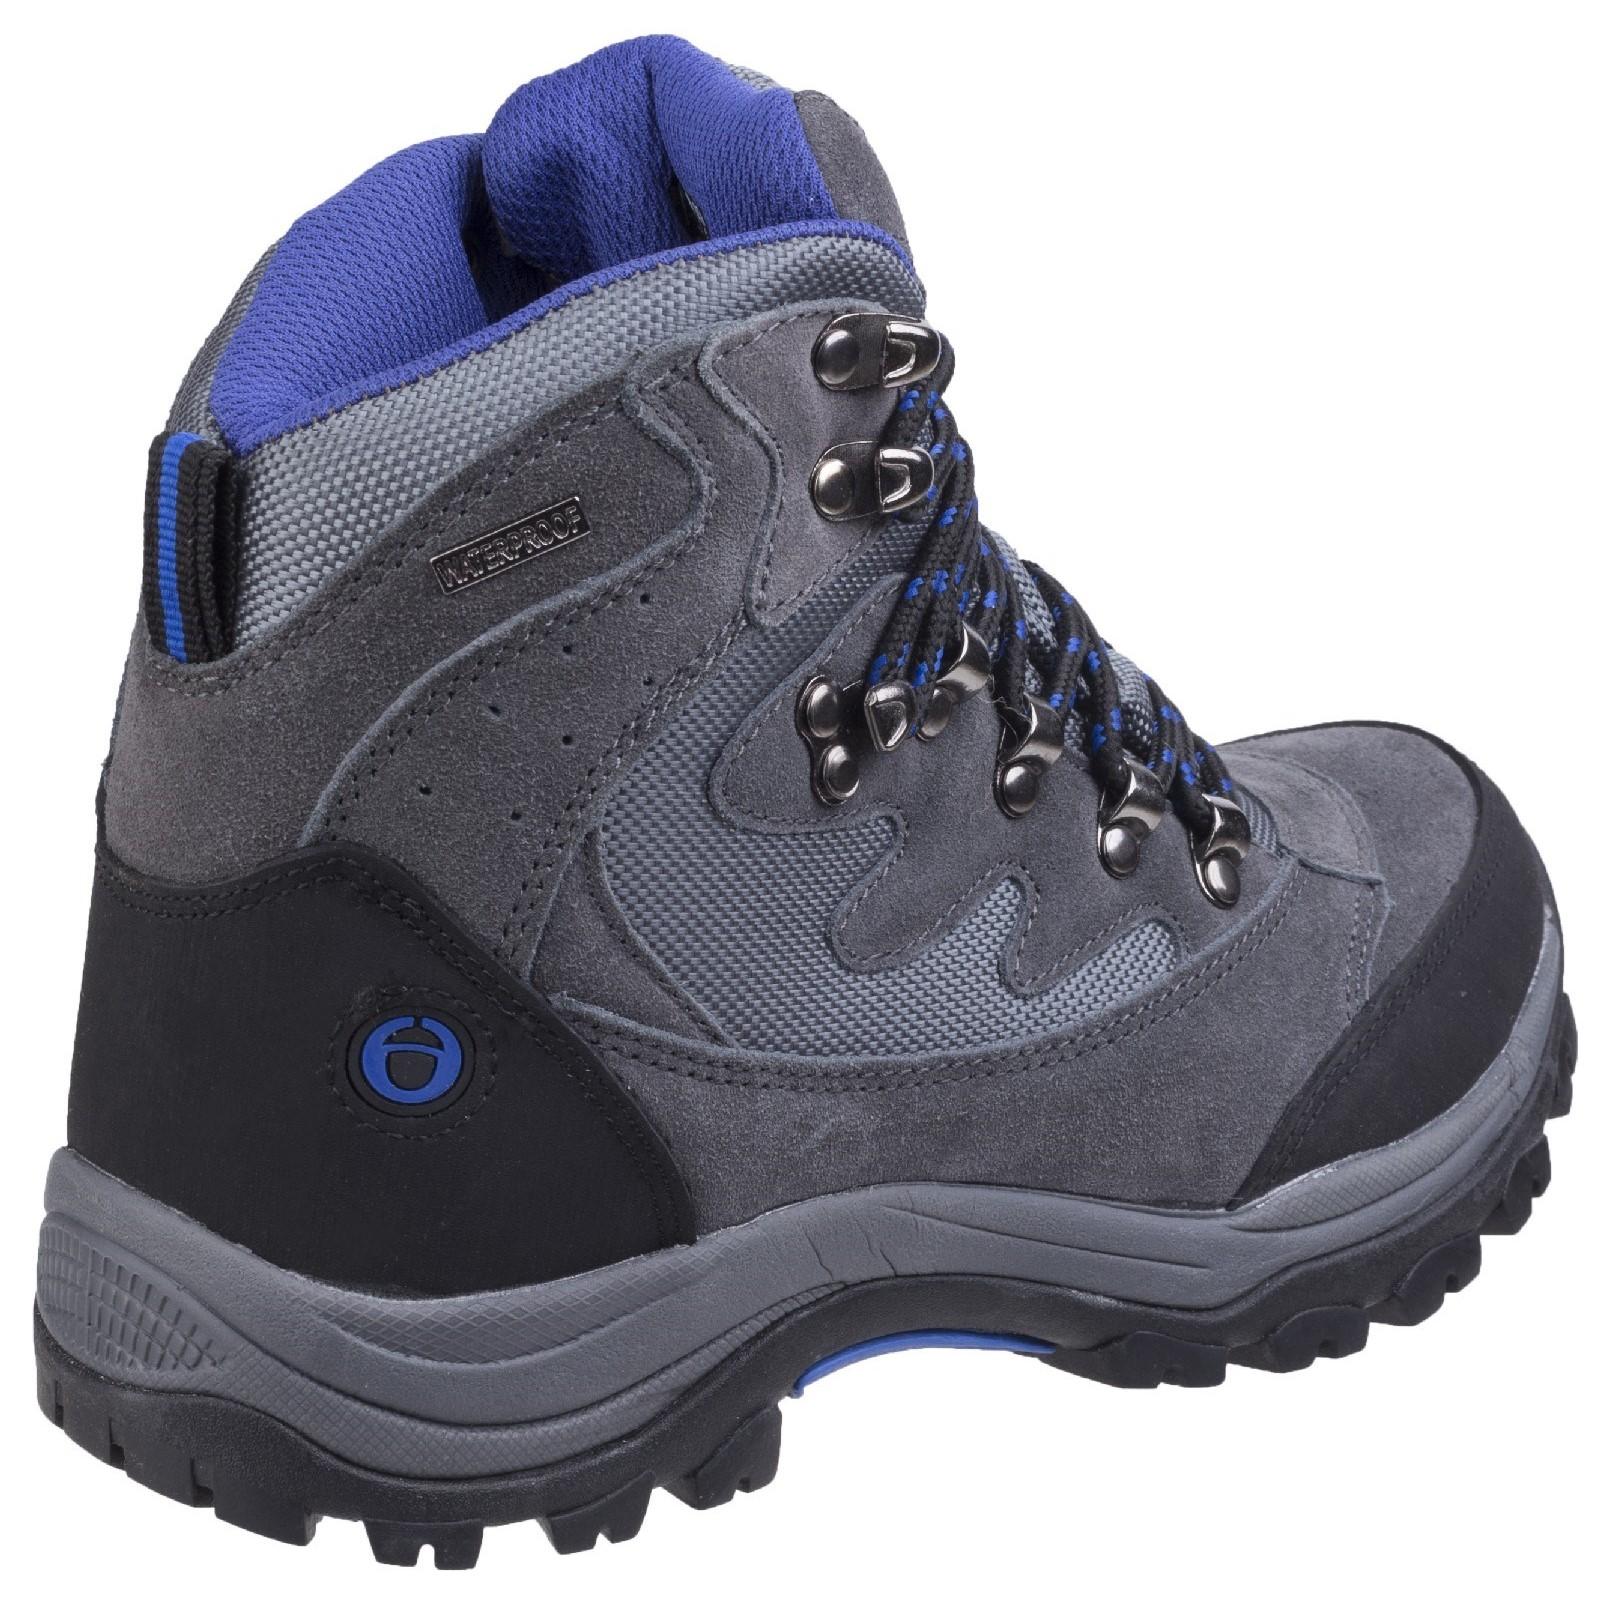 Cotswold Hommes Oxerton Hommes Imperméable Hiker À Lacets Chaussures Randonnée 7TutJ